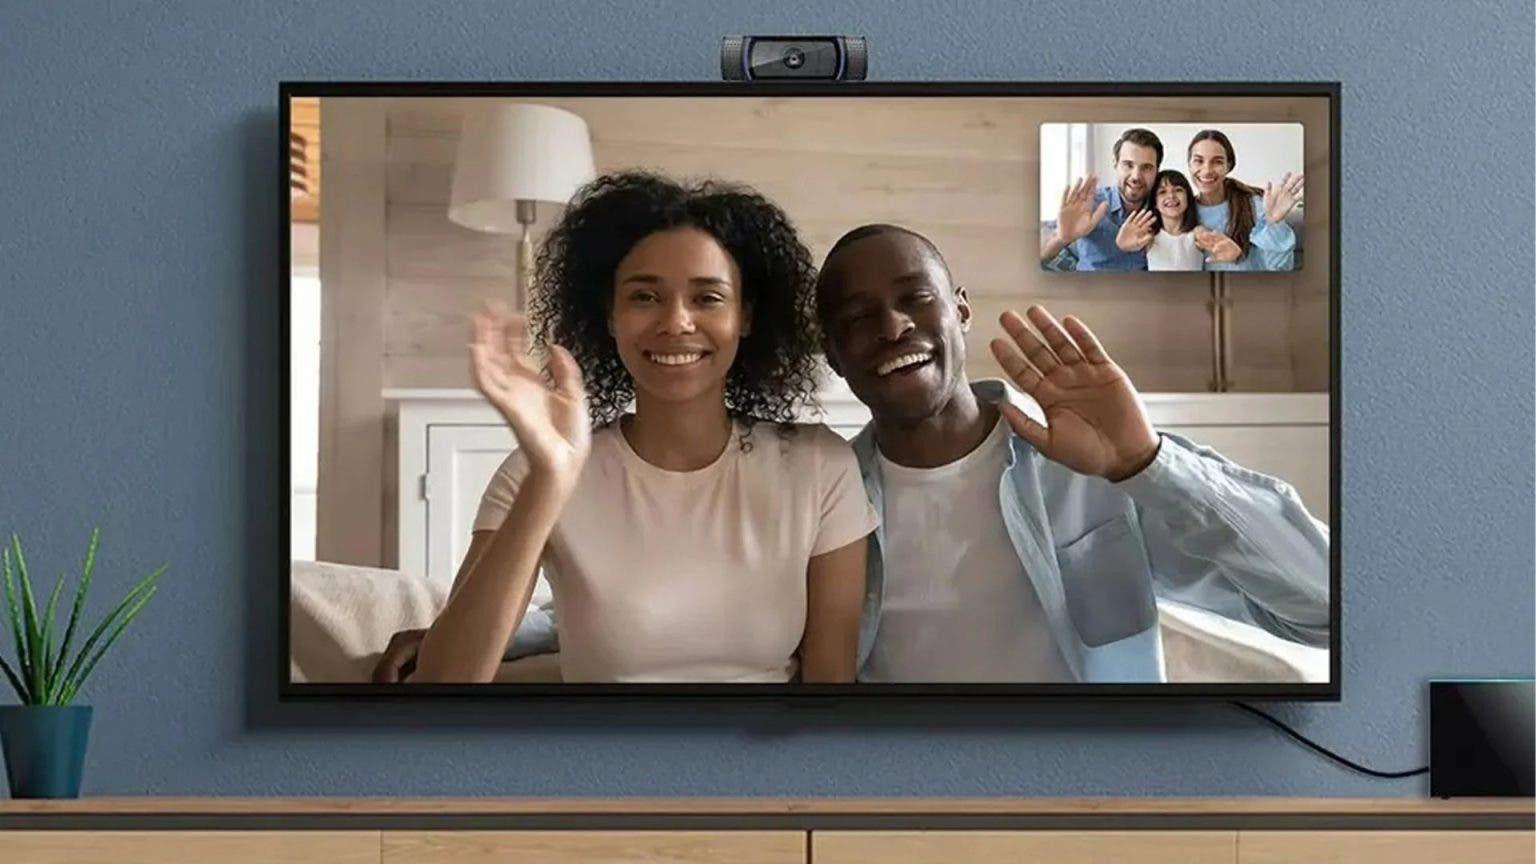 OnePlus, Akıllı TV'ler İçin Tak-Çalıştır Web Kamera Geliştirdi